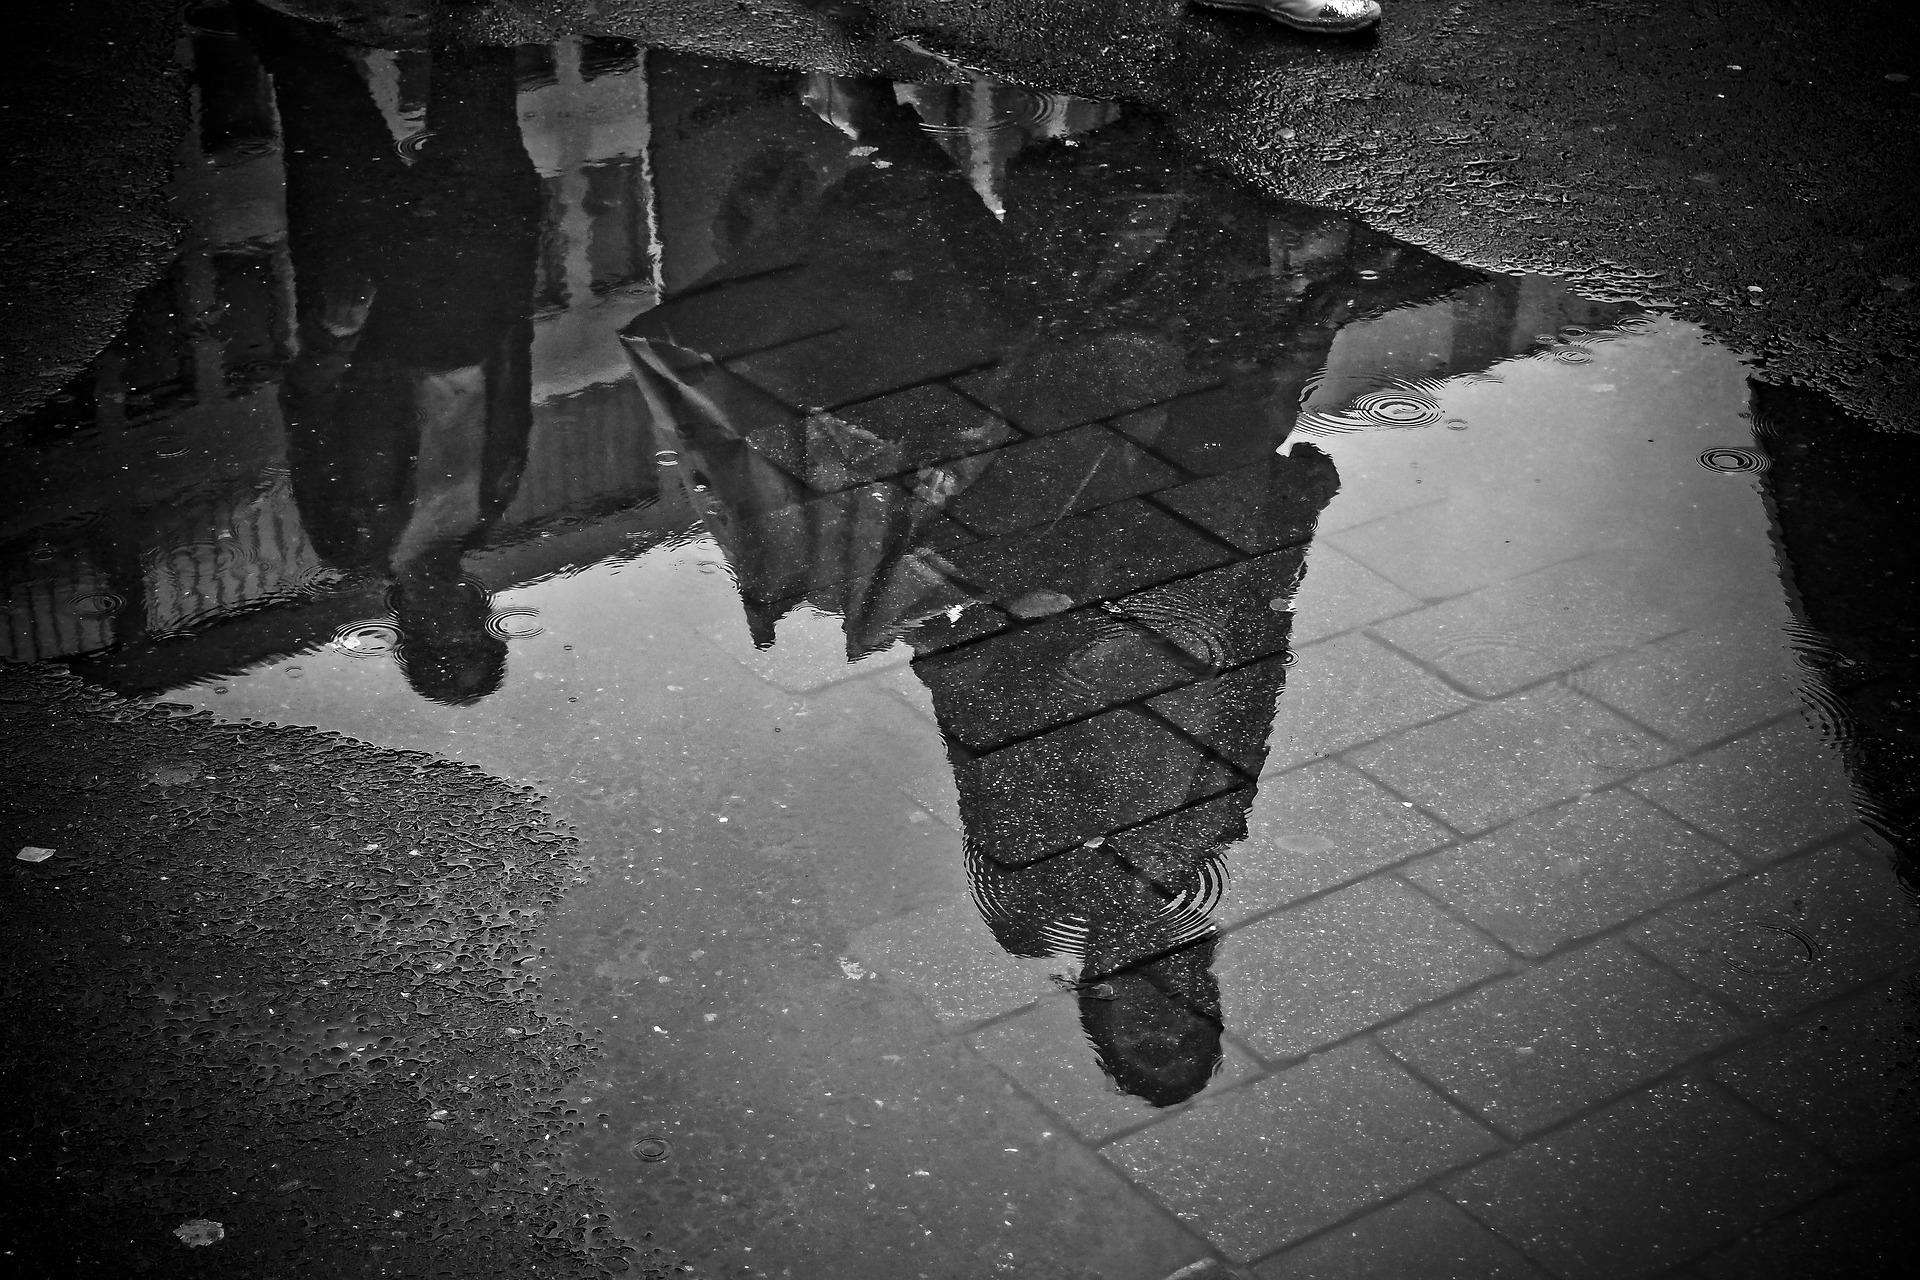 В Крыму ожидаются небольшие дожди — прогноз погоды на субботу